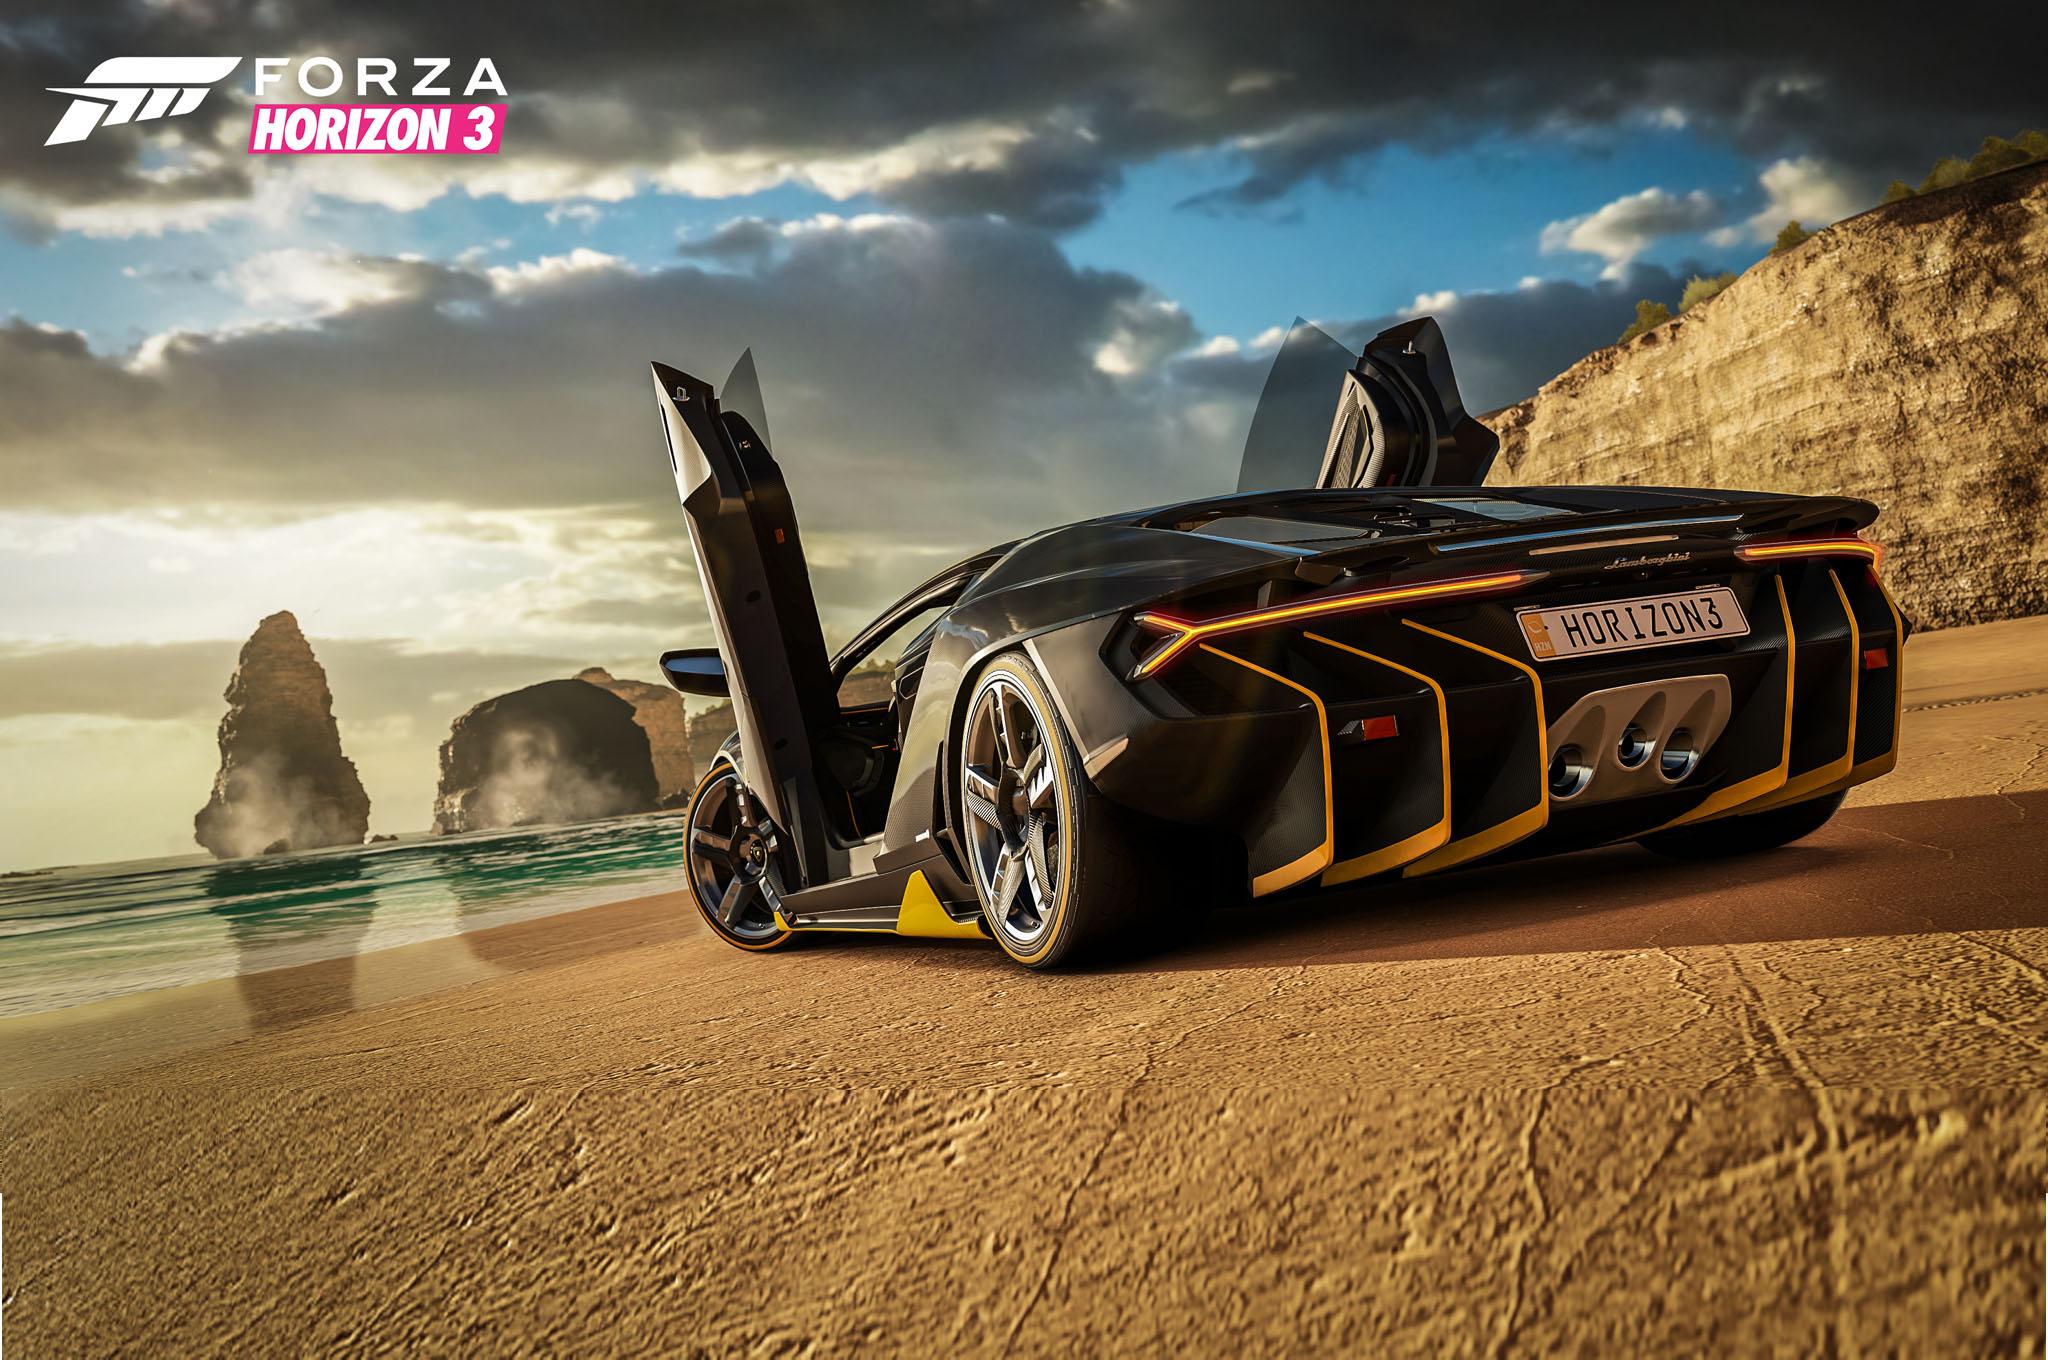 Forza Horizon 3 Lets You Drive The Lamborghini Centenario In Australia